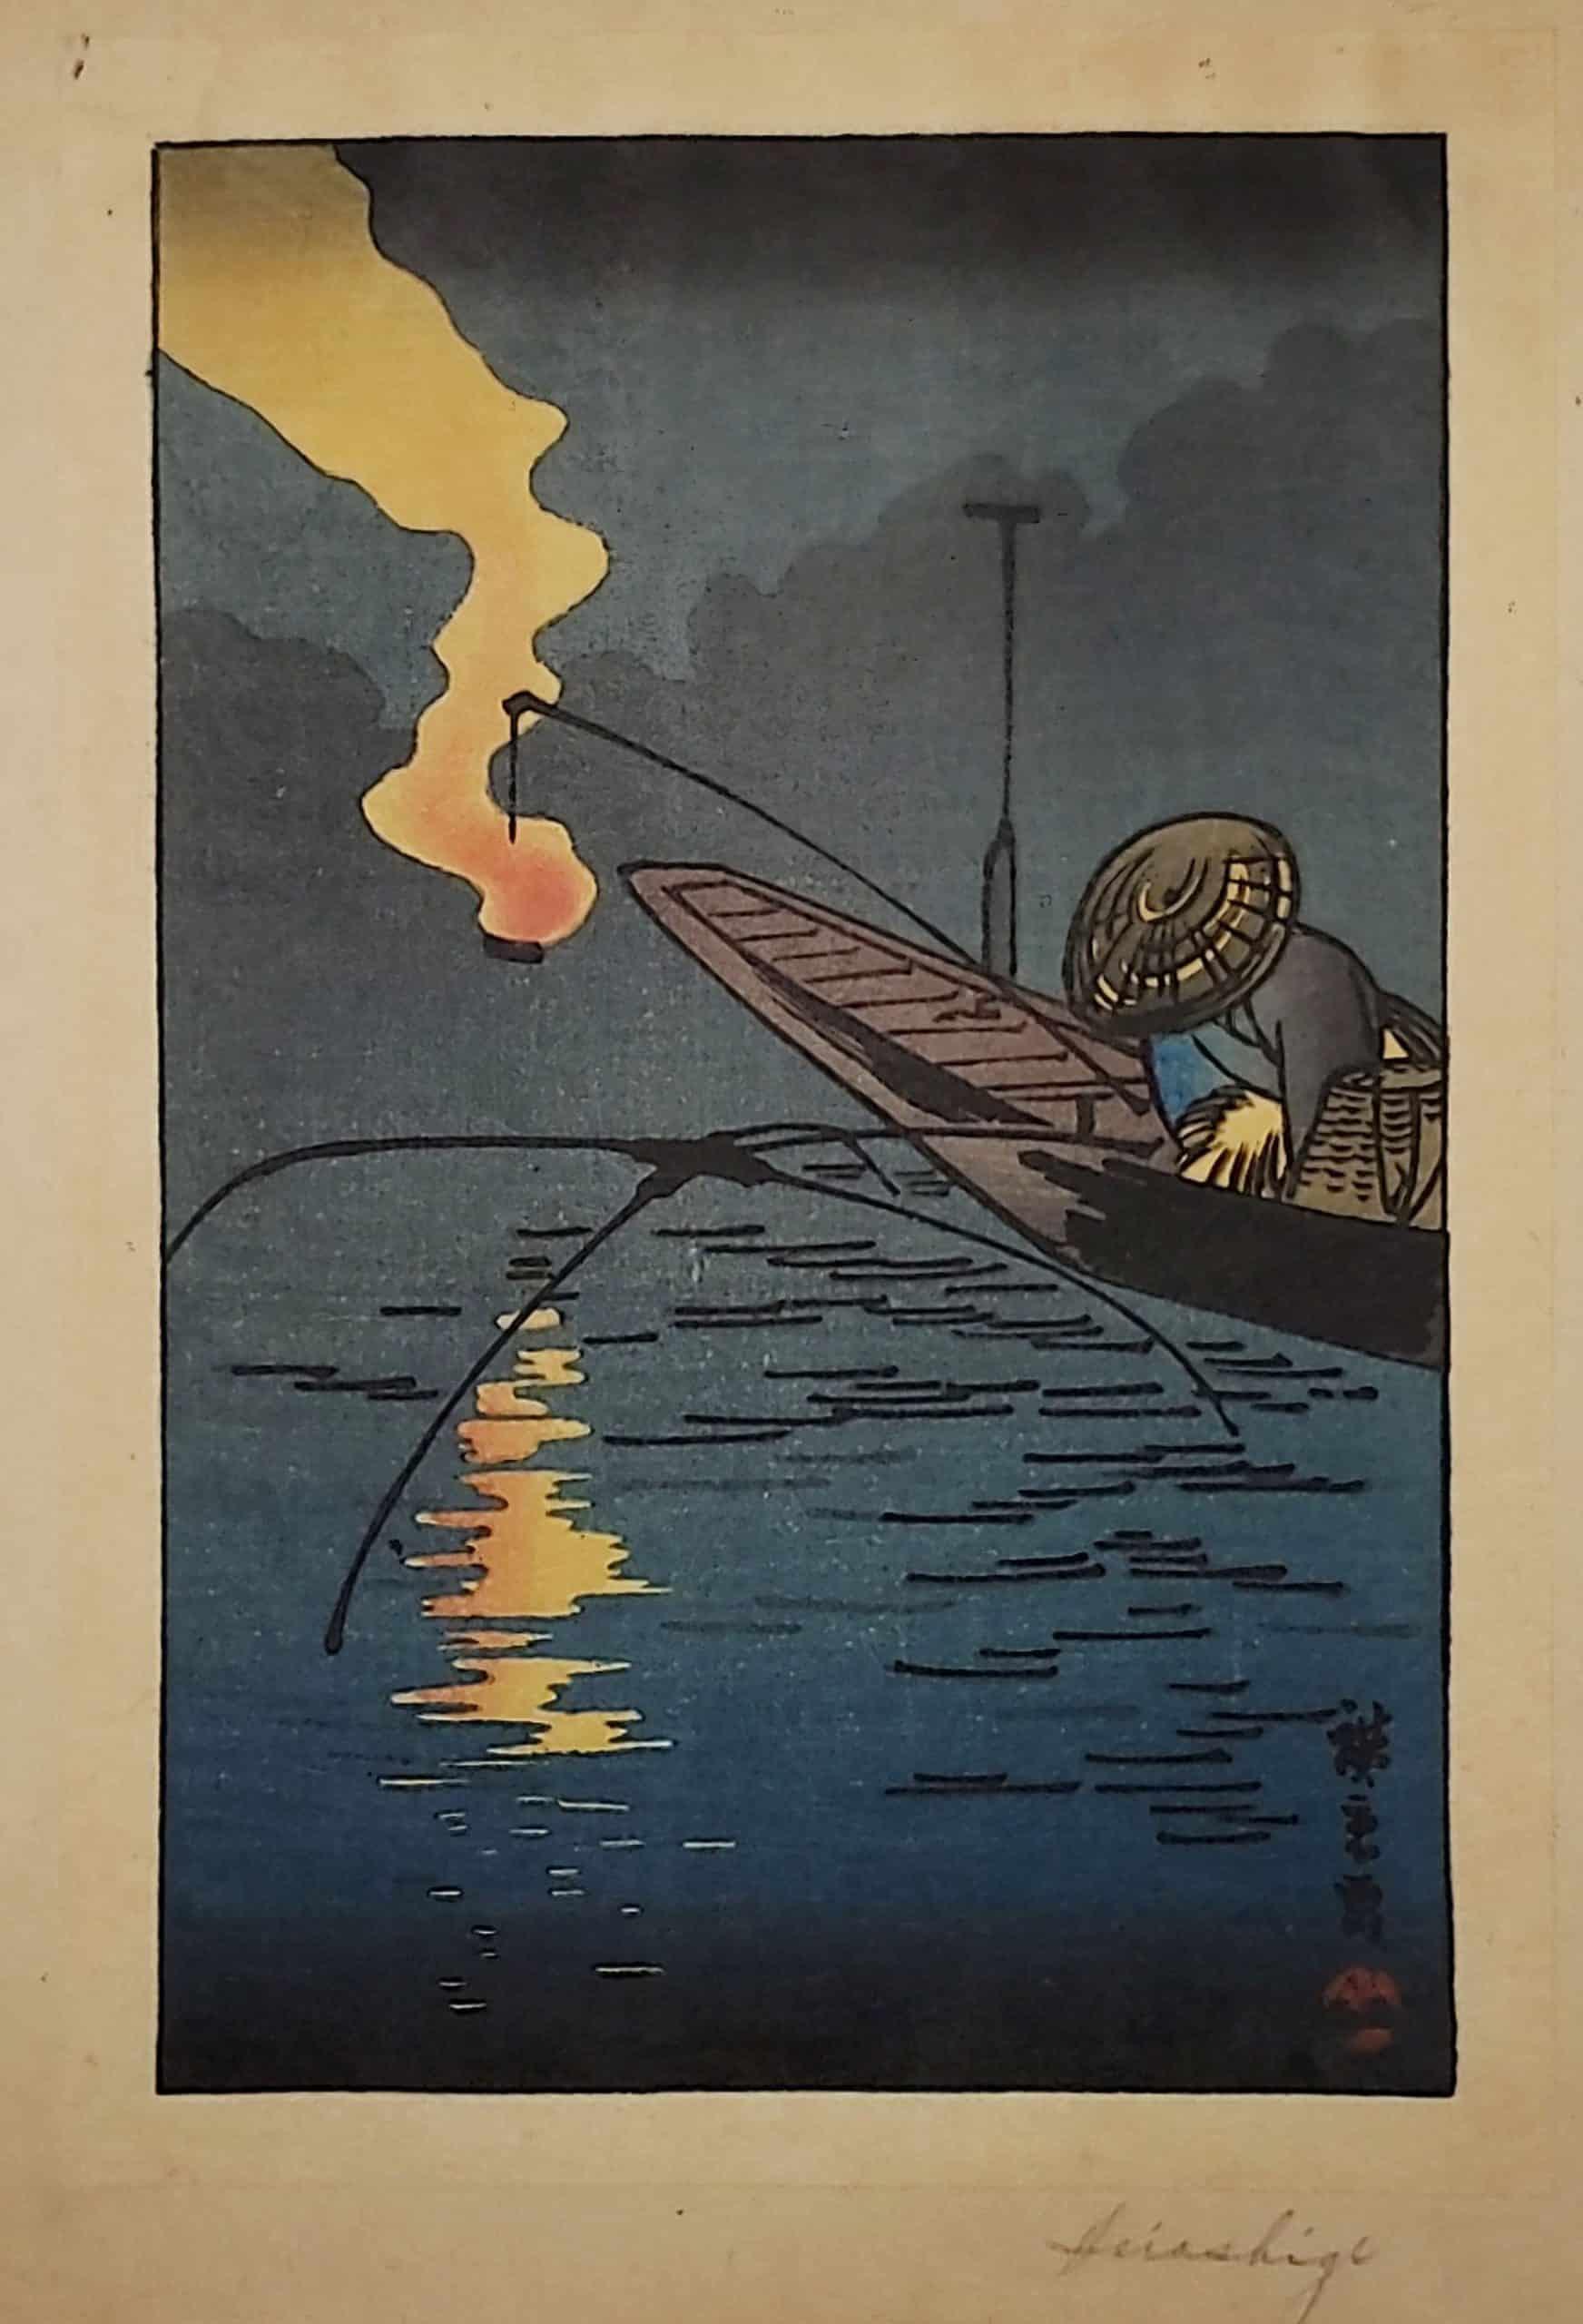 Utagawa Hiroshige - Fisher and Fire (full size)